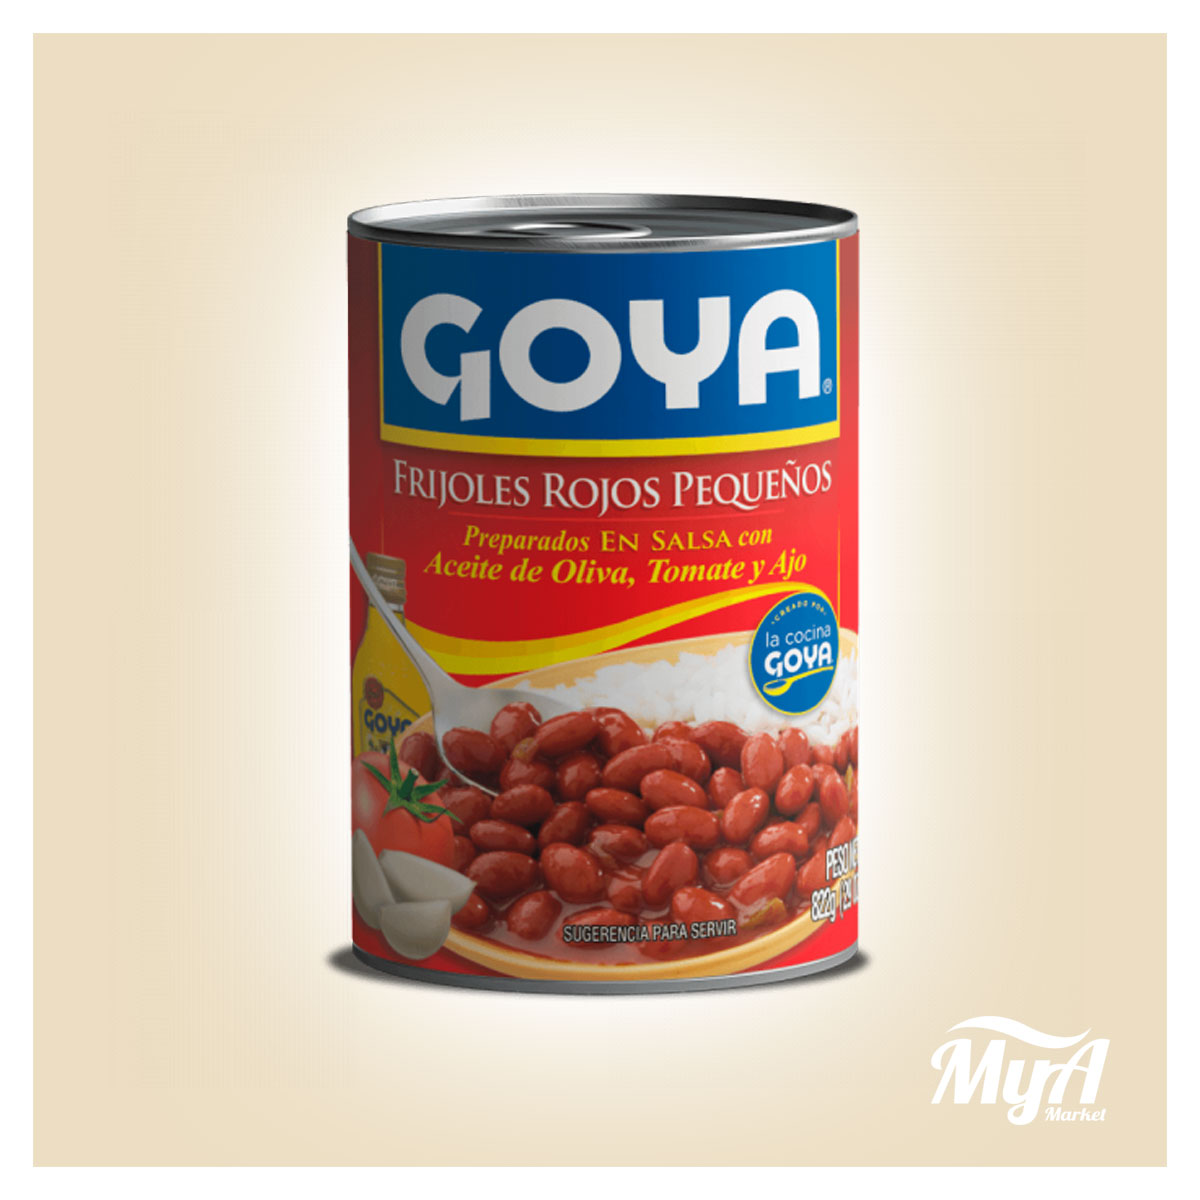 Frijoles Rojos Pequenos Goya